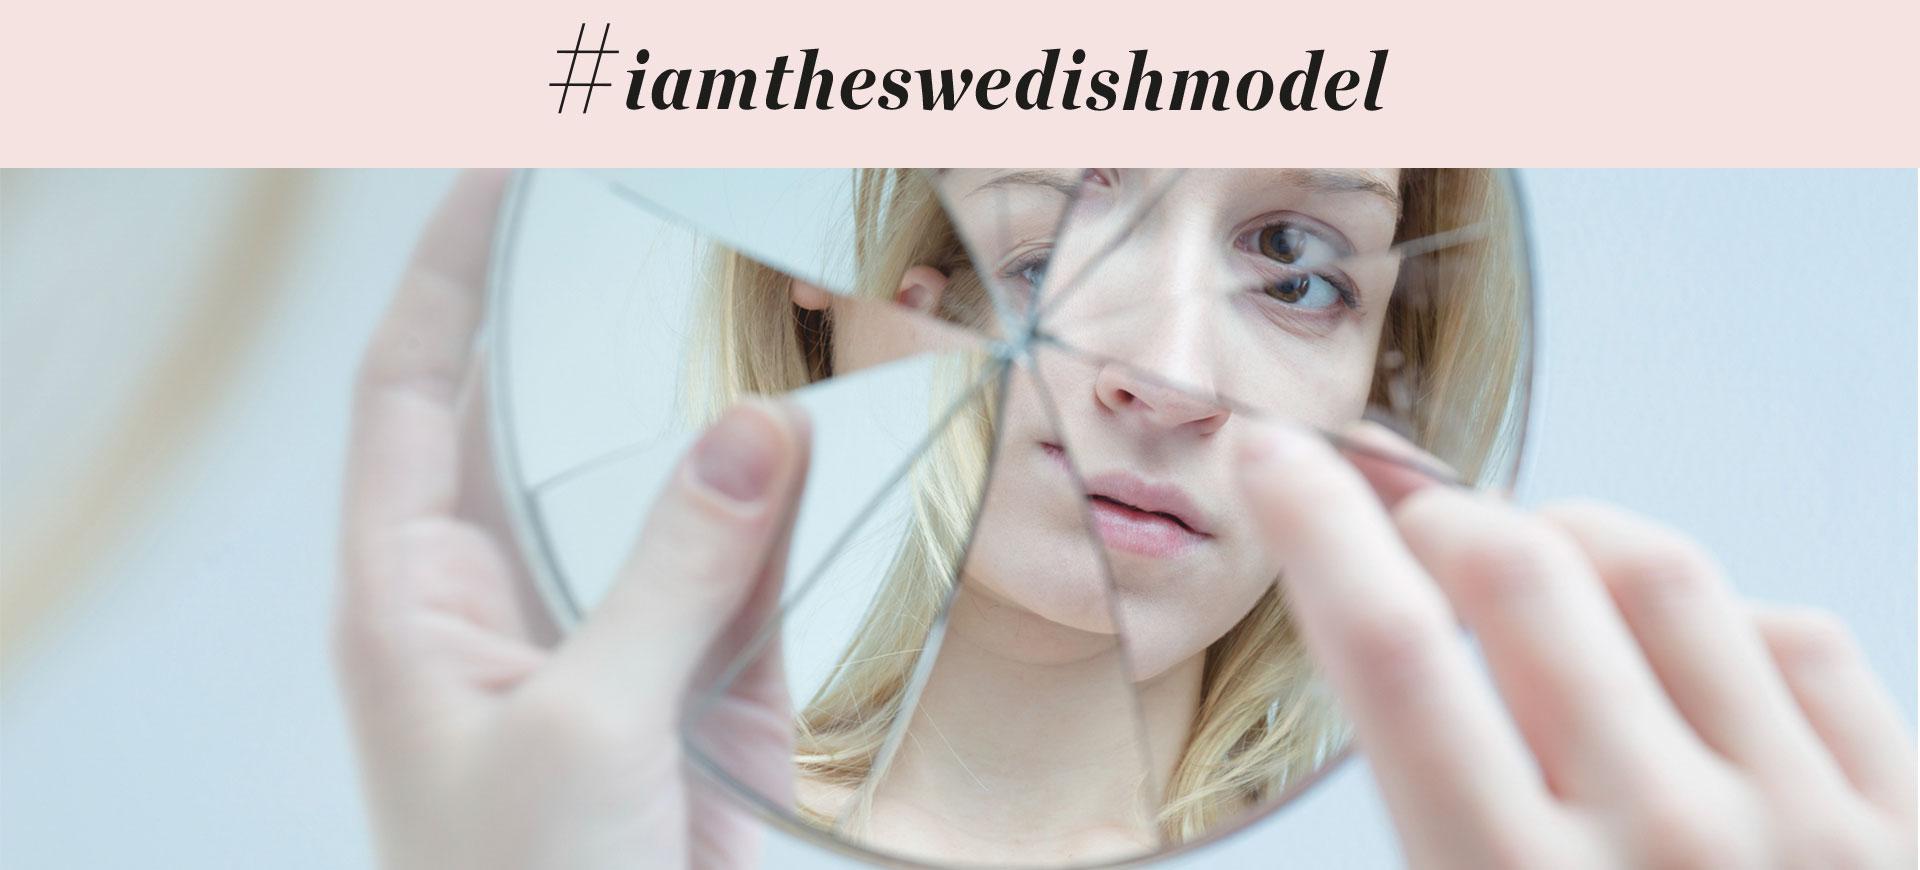 anorexi ätsötrningar frisk och fri